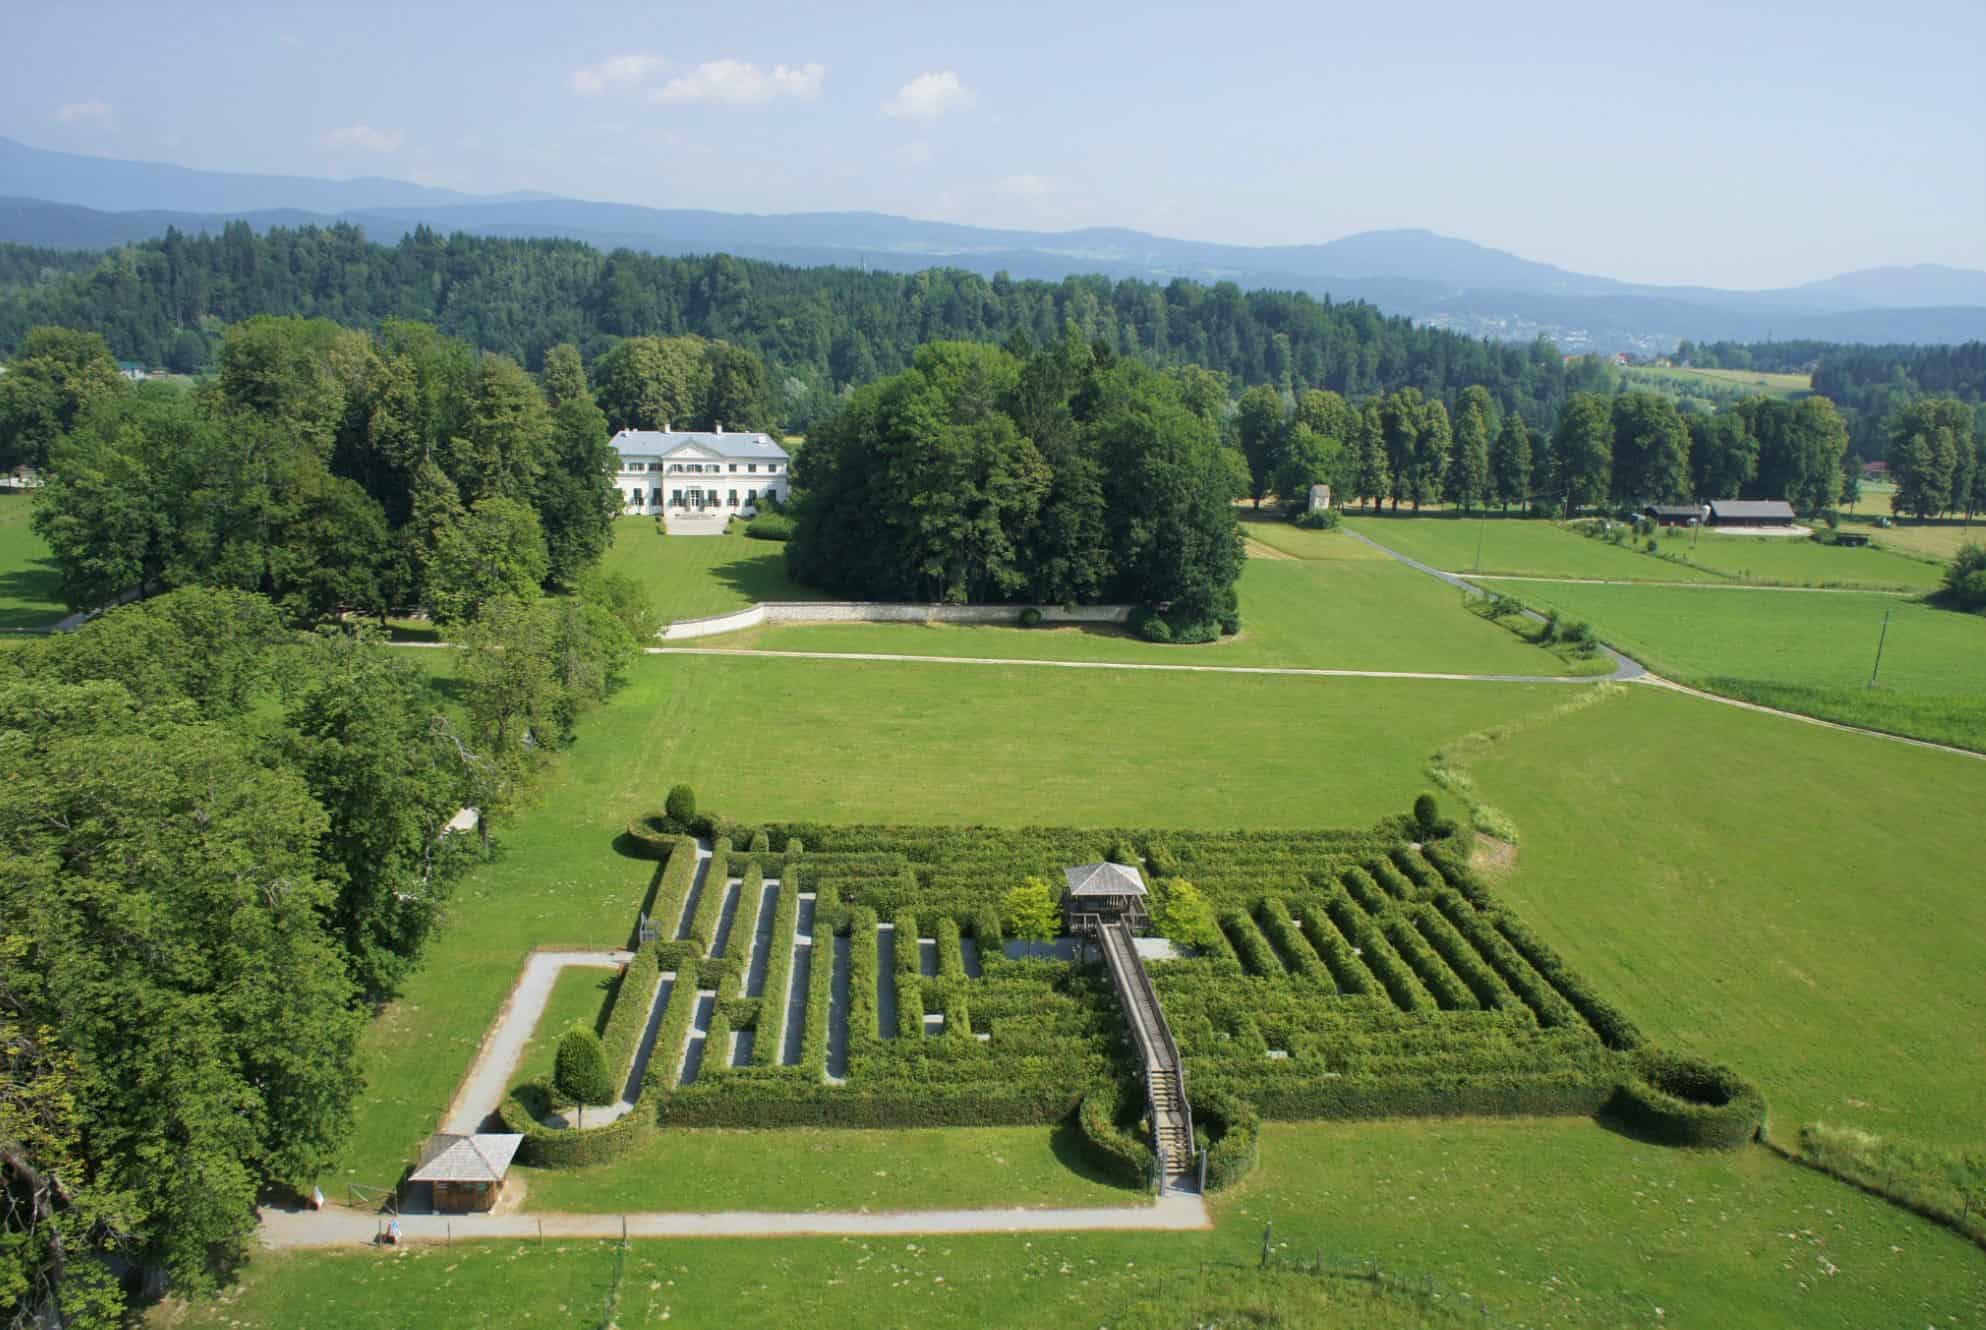 Gartenlabyrinth in Rosegg Nähe Wörthersee in Kärnten - Ausflugsziel in Österreich